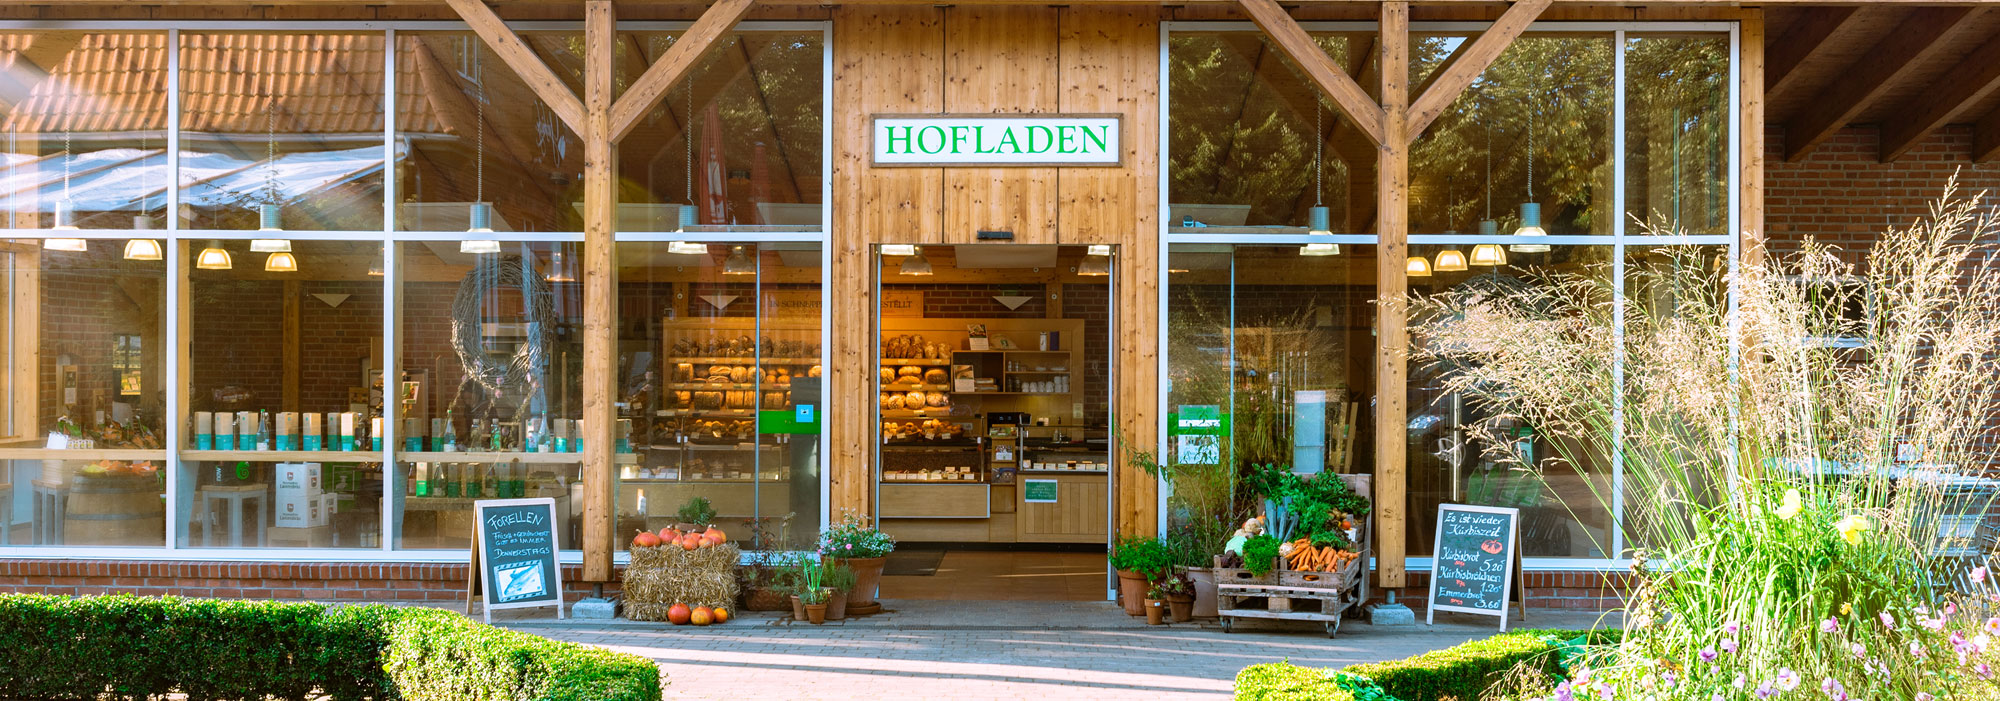 Eingangsbereich vom Hofladen uaf dem Gut Wulksfelde